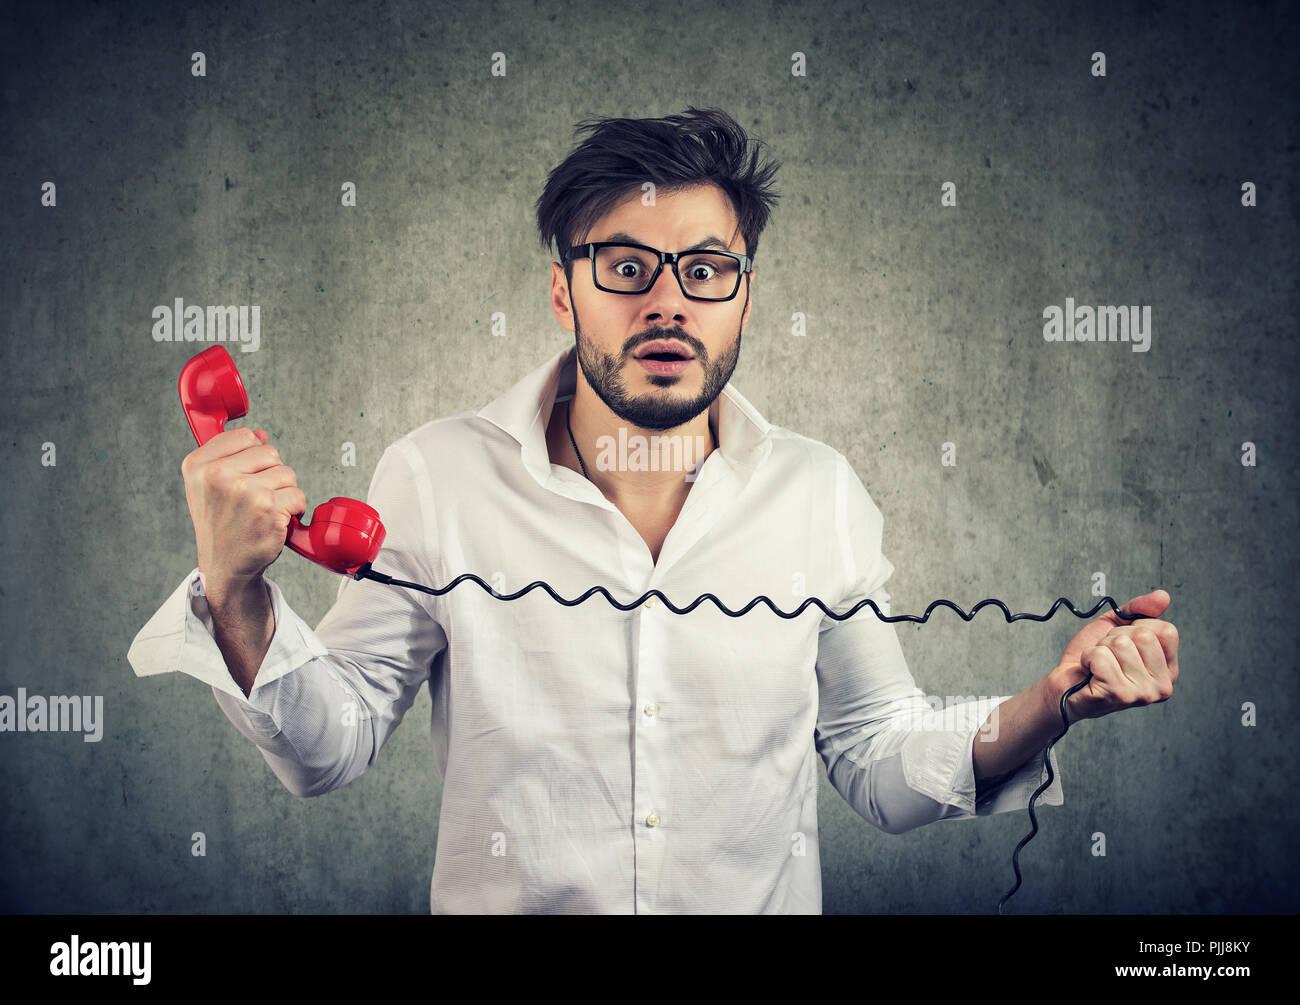 La réception de l'homme nouvelle choquante sur un téléphone et à la peur avec at camera Photo Stock